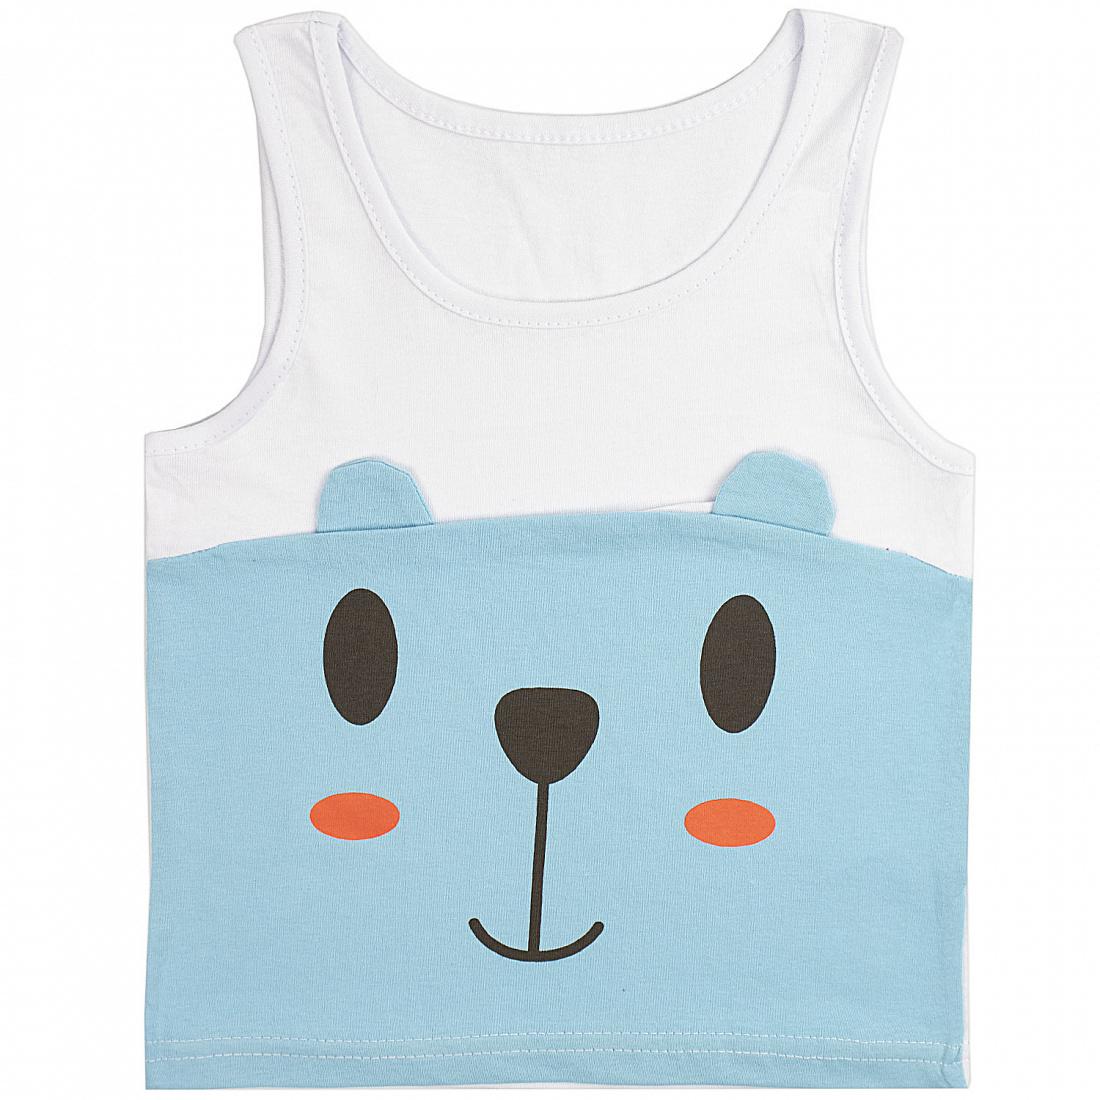 Купить 340К, Майка детская Юлла, цв. голубой р. 80, Детские футболки